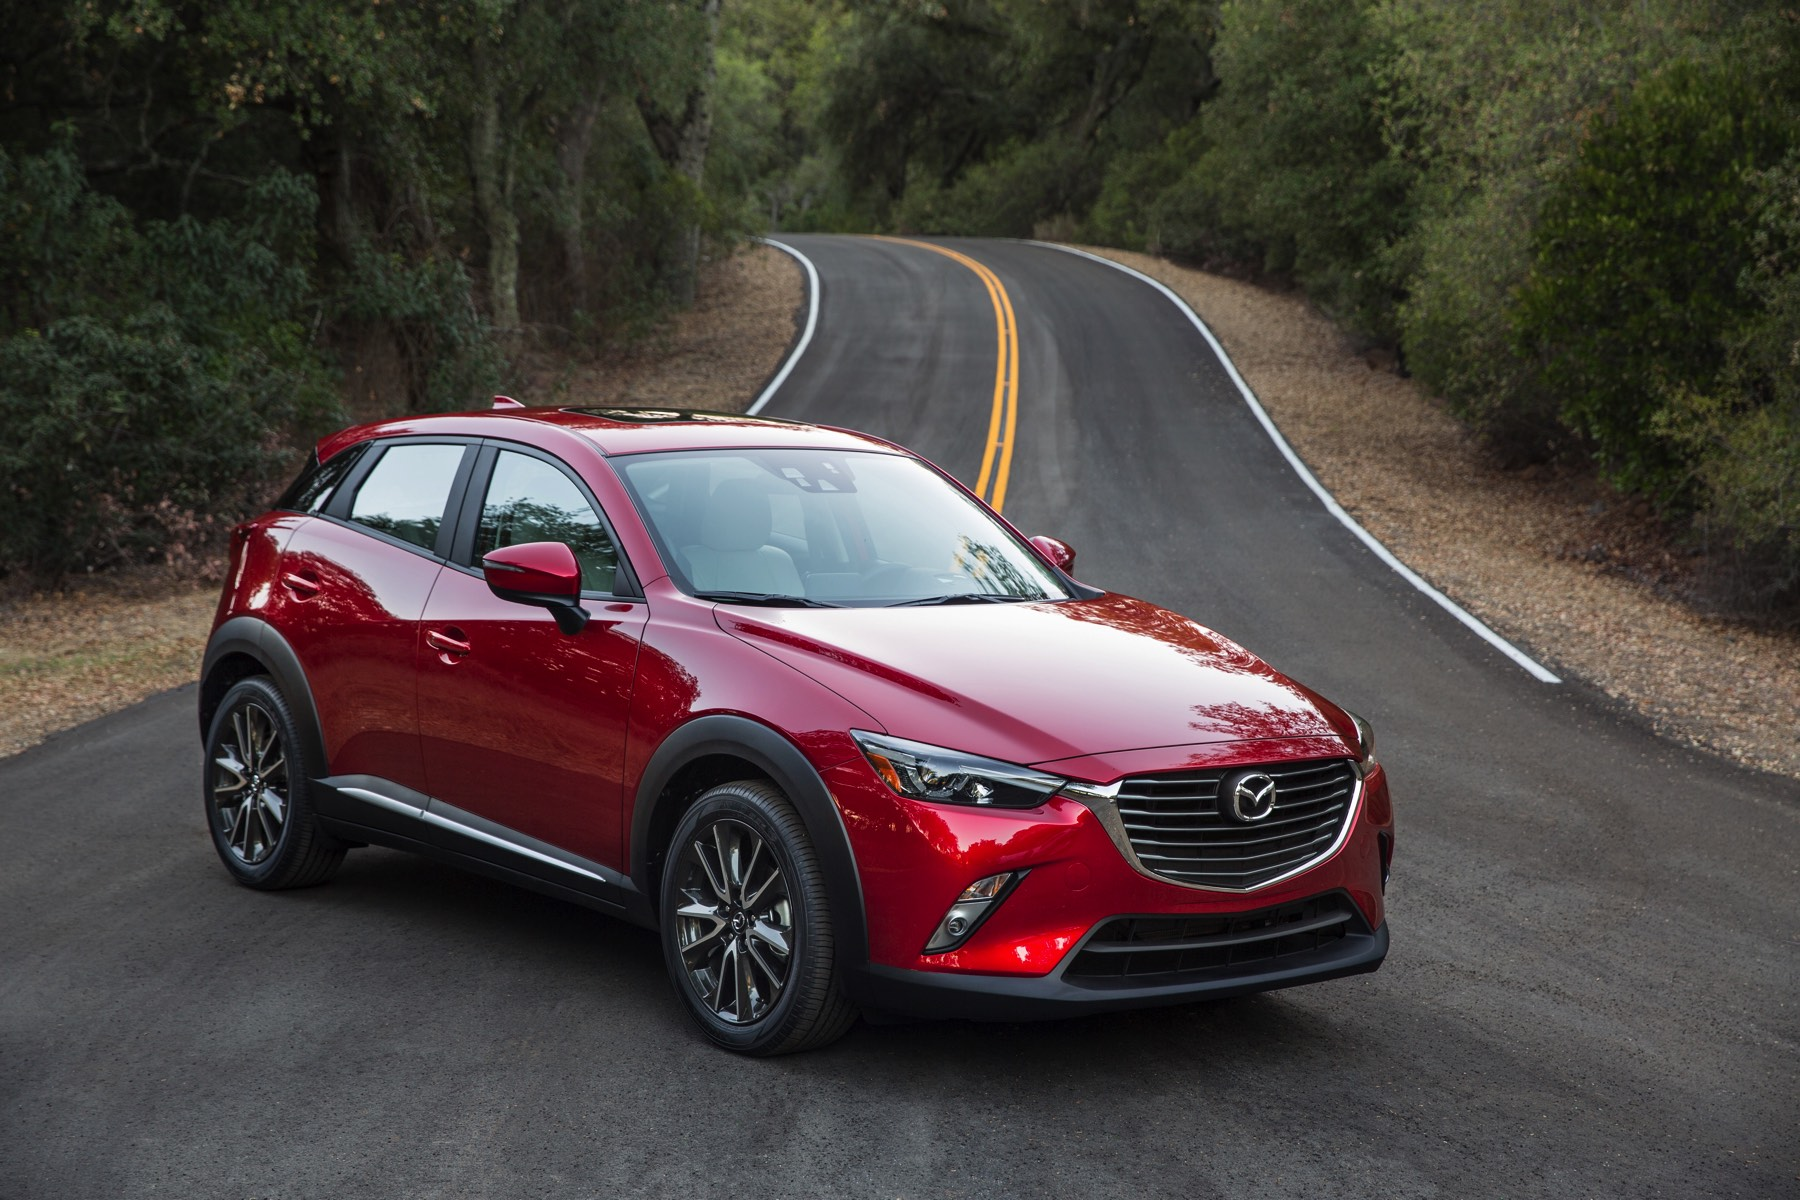 The 2016 Mazda CX-3 | Mazda's all-new CUV